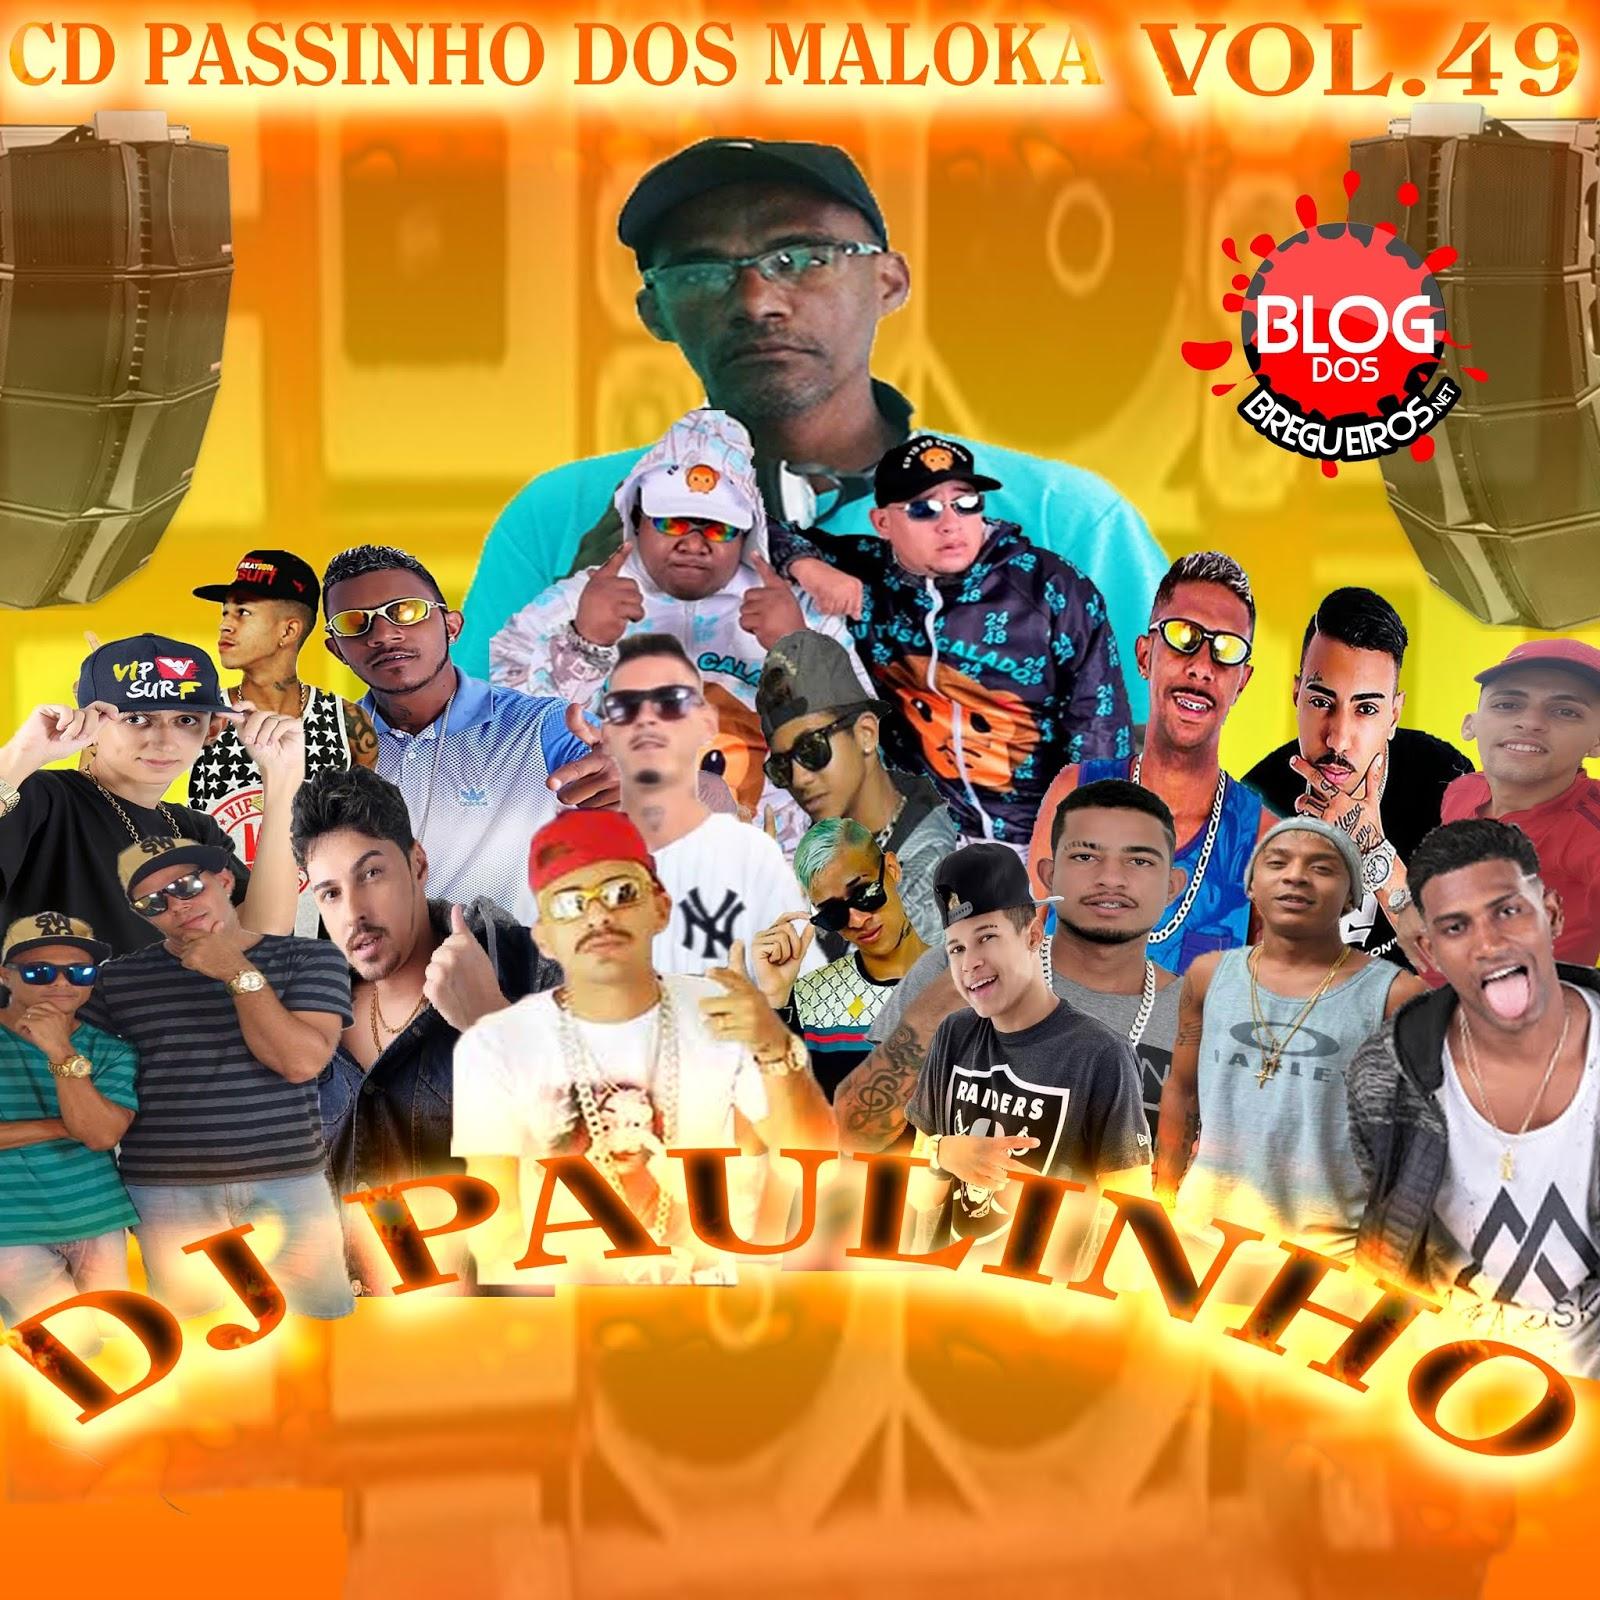 VIDA A JEITO BAIXAR VIVA MOLEQUE CD 2012